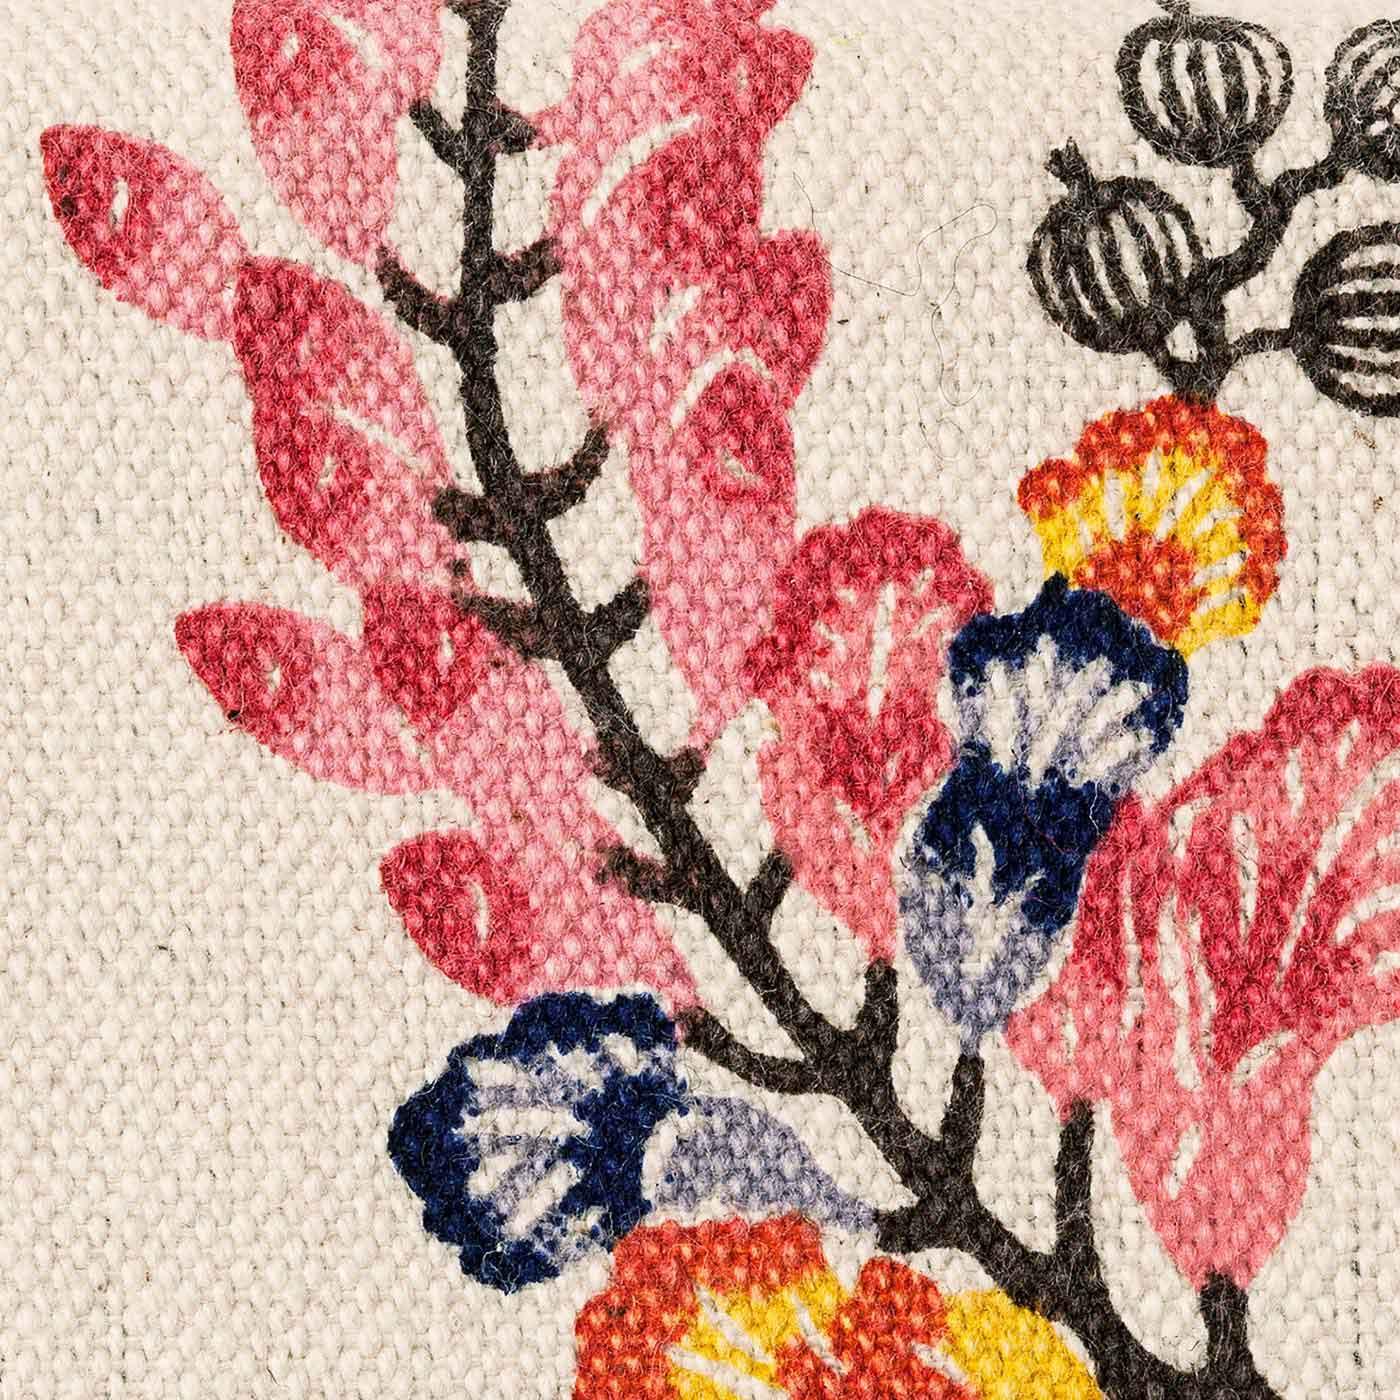 あえて綿花のカスを残したナチュラルな風合いのキャンバス地を使用。沖縄伝統工芸の琉球紅型のデザインを、プリントで再現しました。